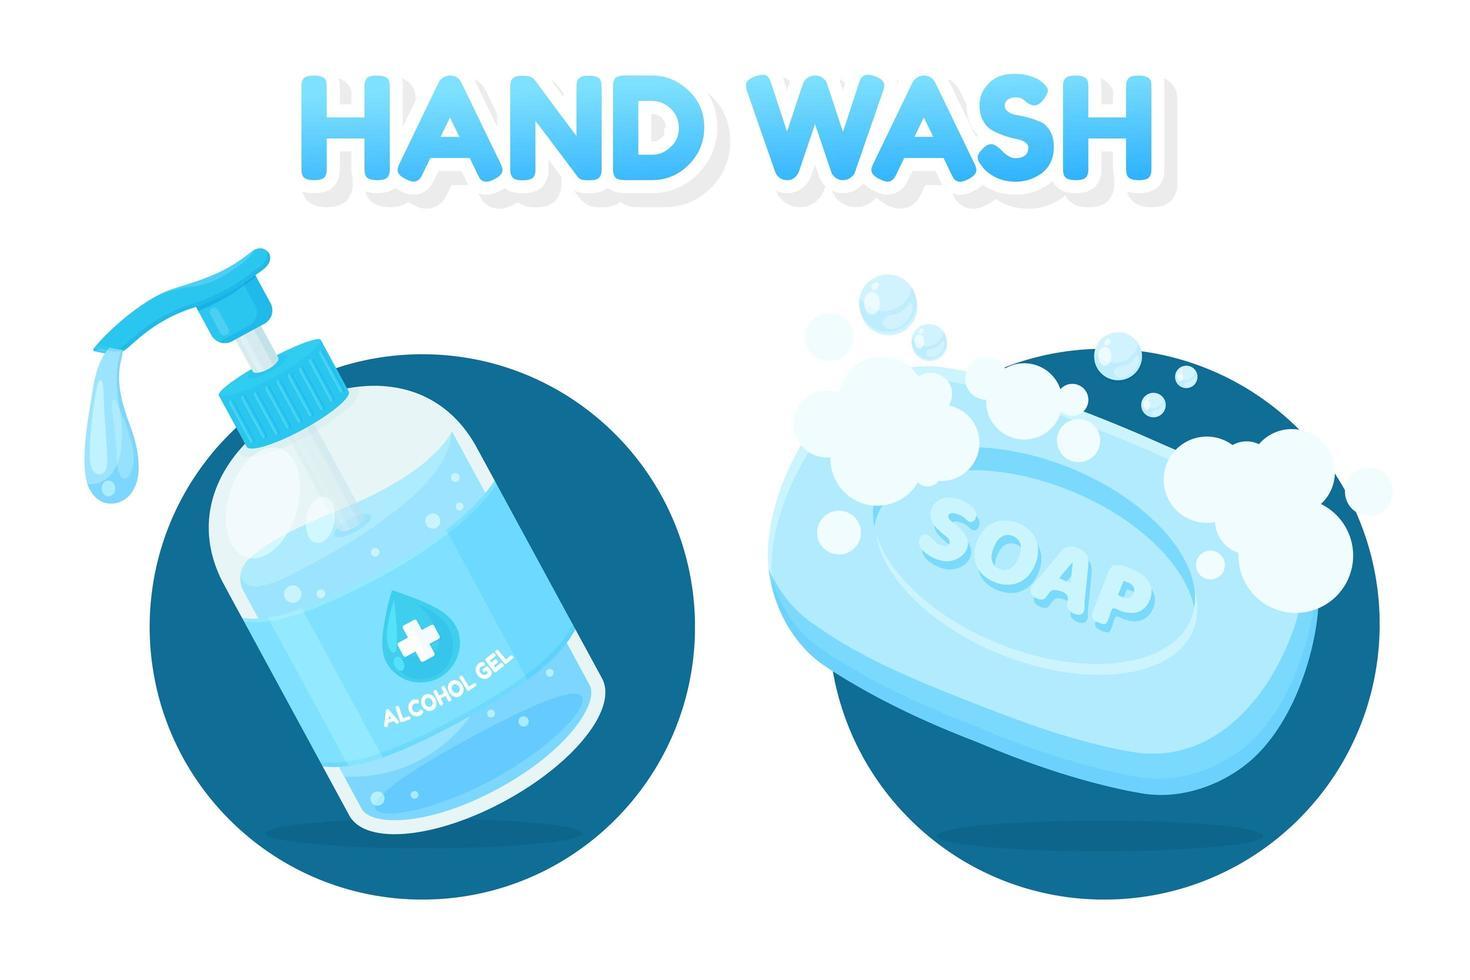 conjunto para lavar as mãos com desinfetante e sabão vetor